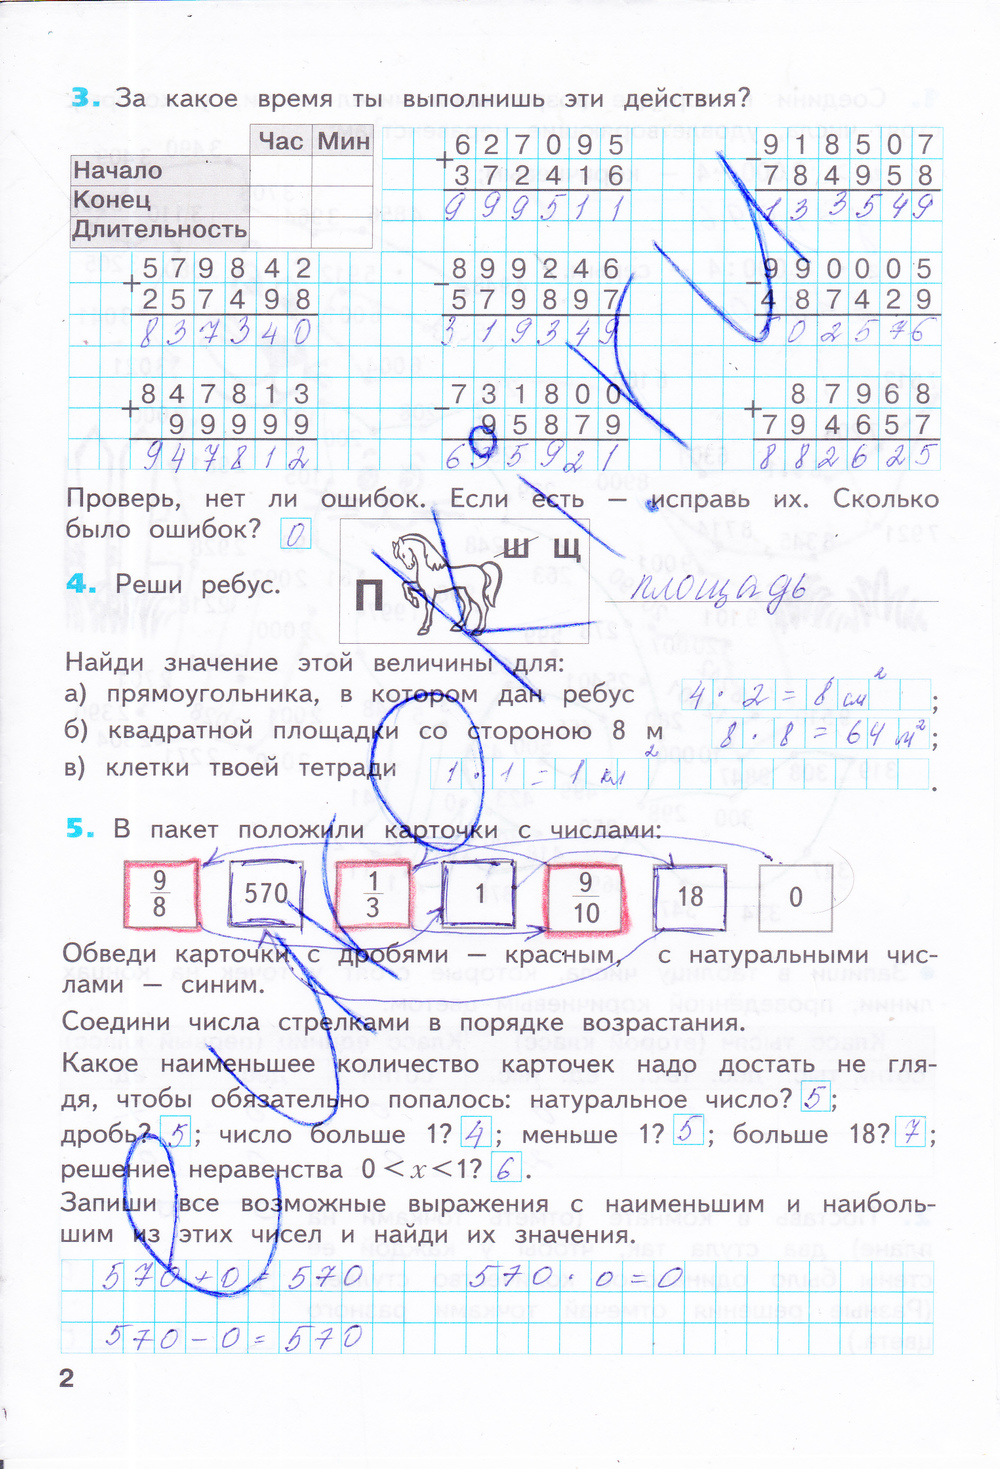 Гдз по информатике 4 класс бененсон 1